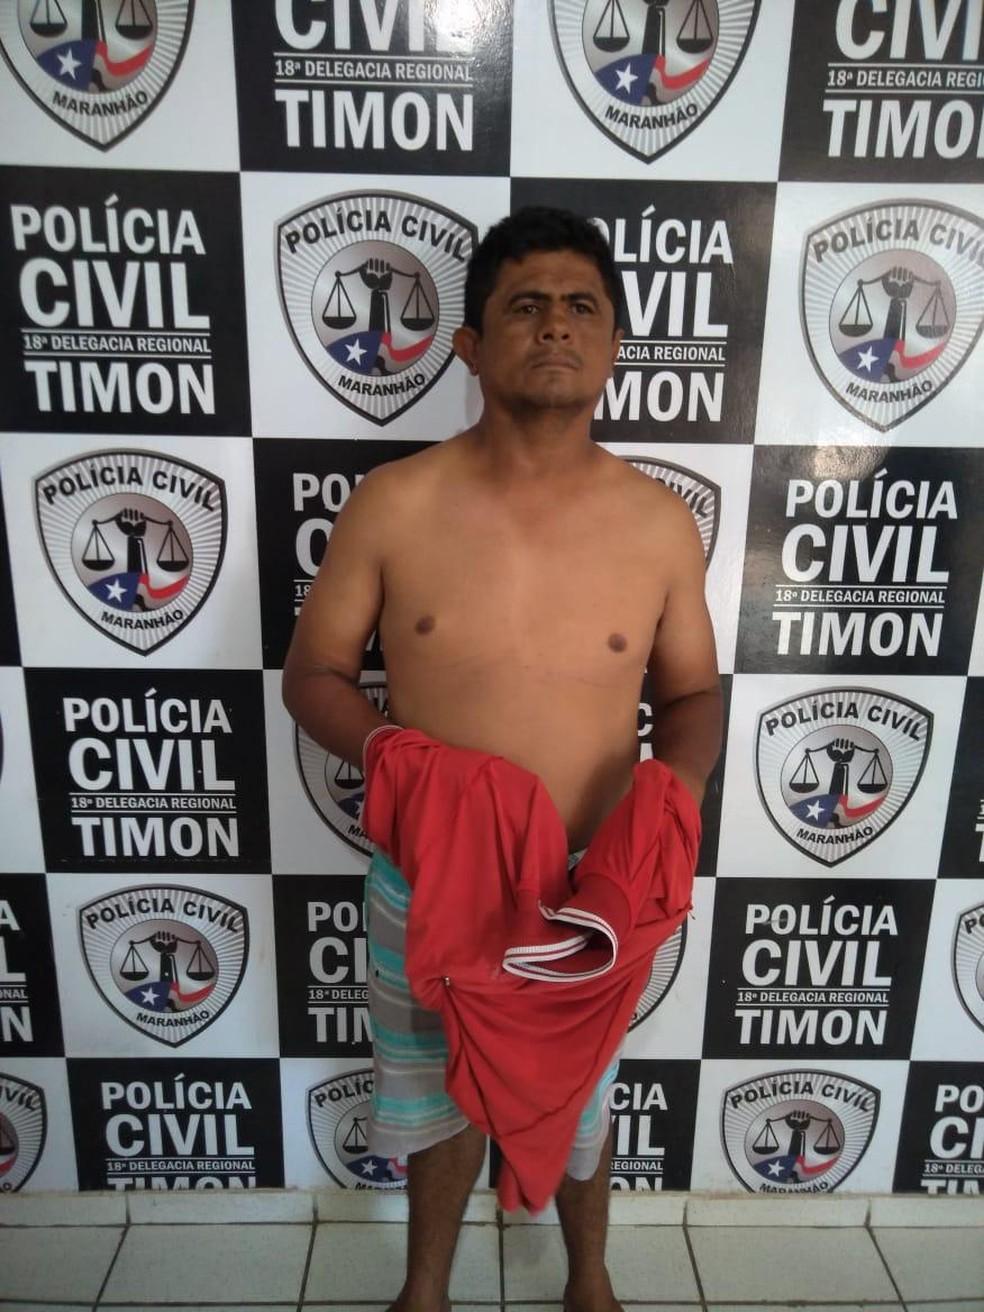 Egnaldo Gomes de Araujo é suspeito de cometer estupro de vulnerável contra uma criança de nove anos em Timon — Foto: Divulgação/Polícia Civil